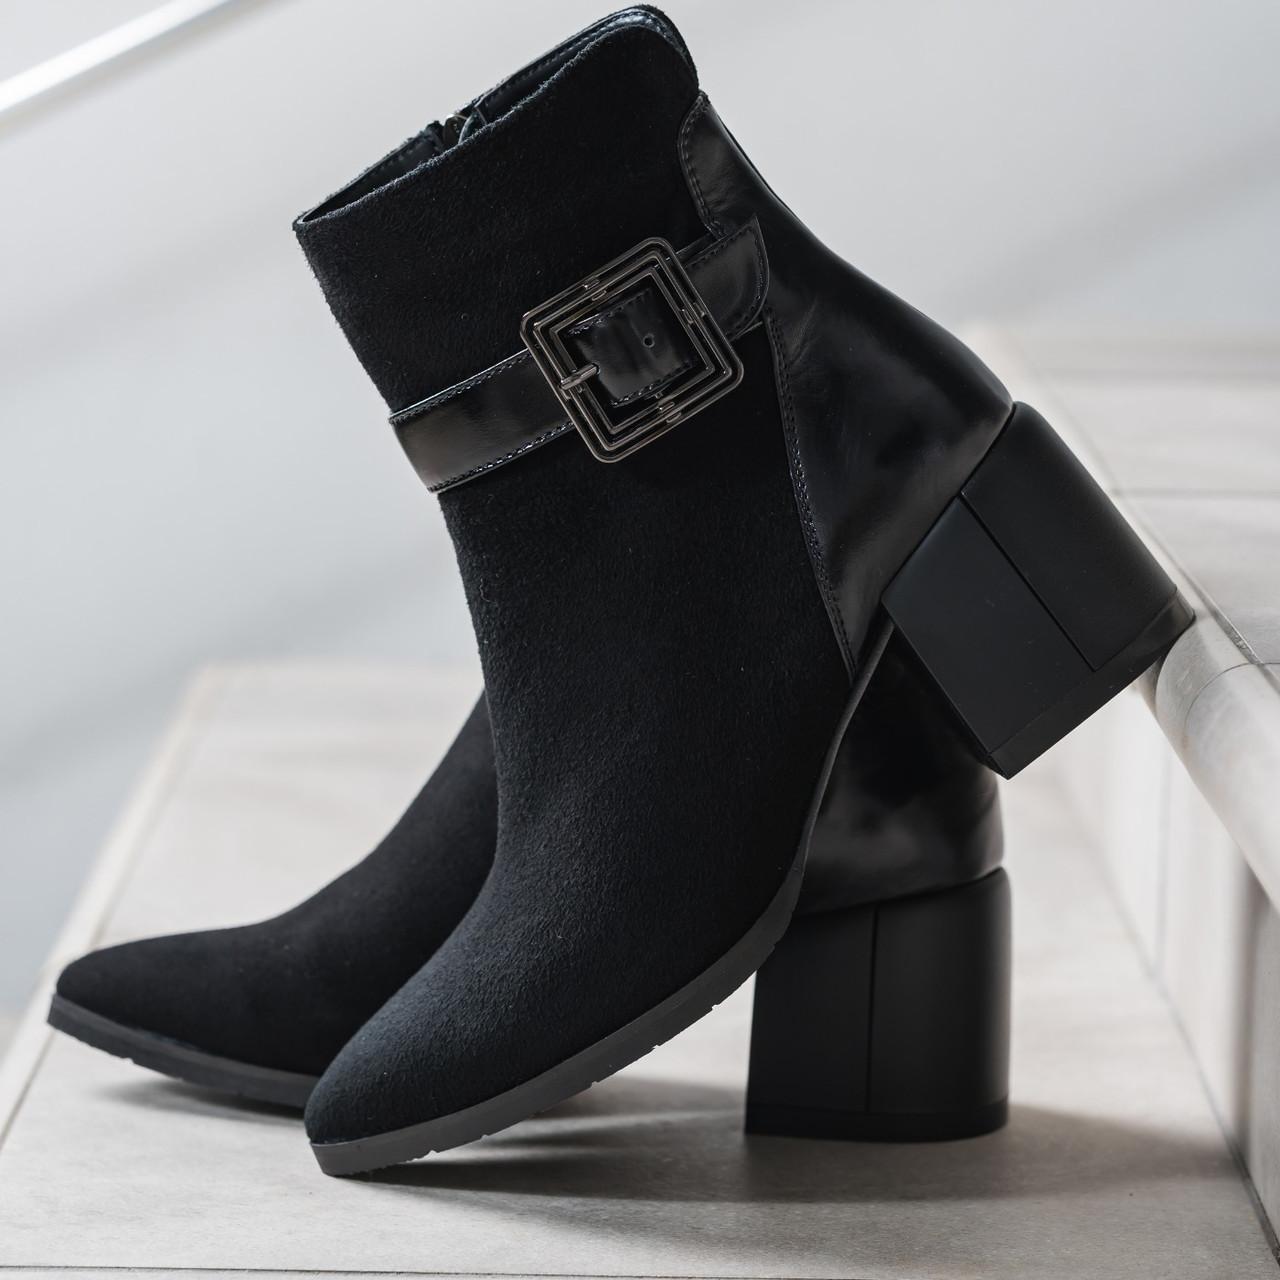 Ботинки женские весенние натуральная замша черные байка высота каблука 6,5 см